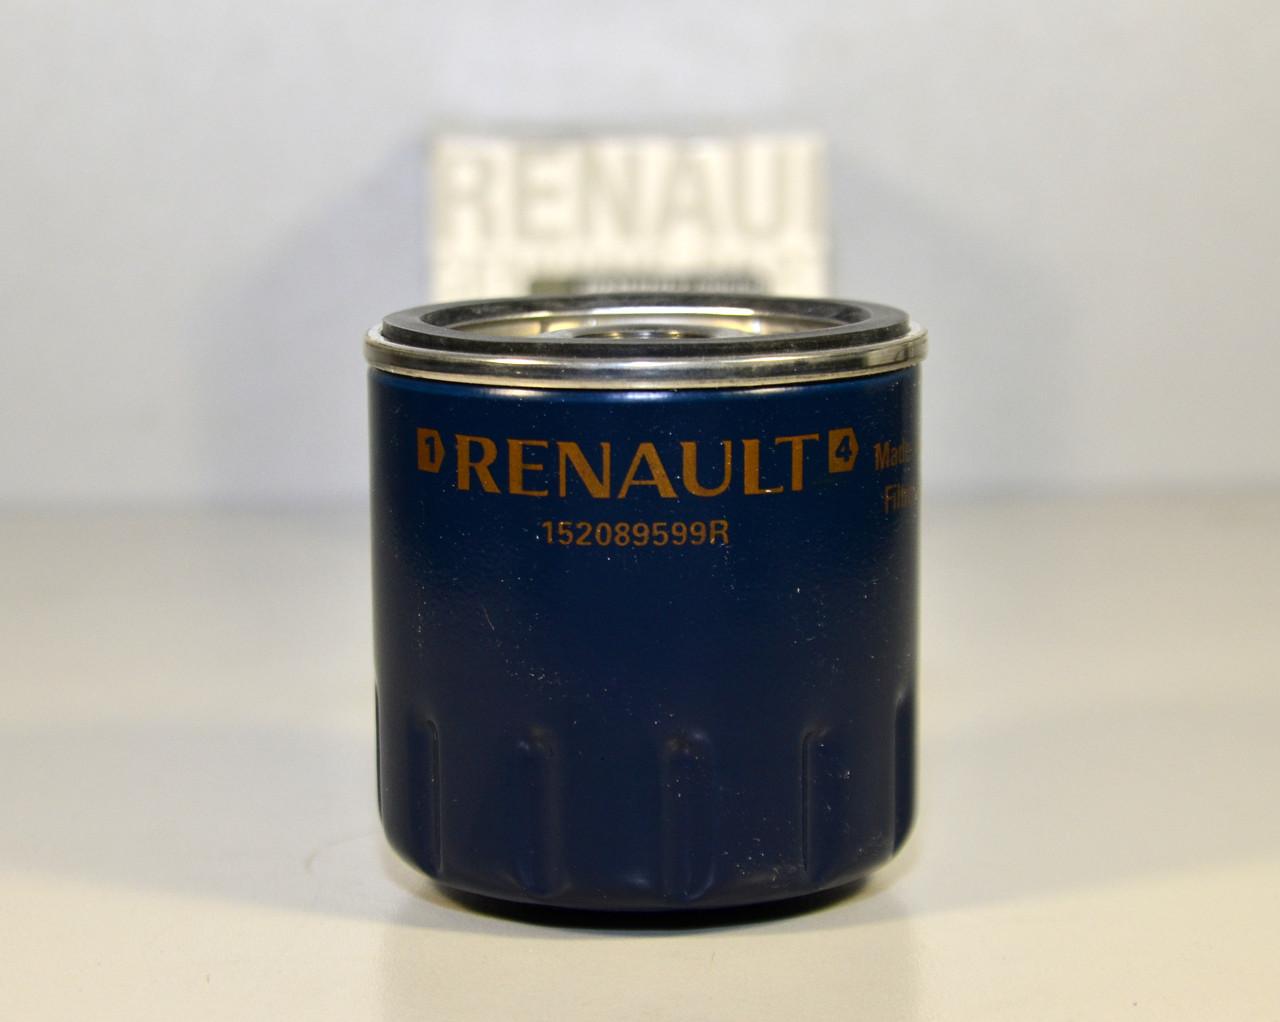 Фильтр масла на Renault Megane III - Renault (Оригинал) - 152089599R